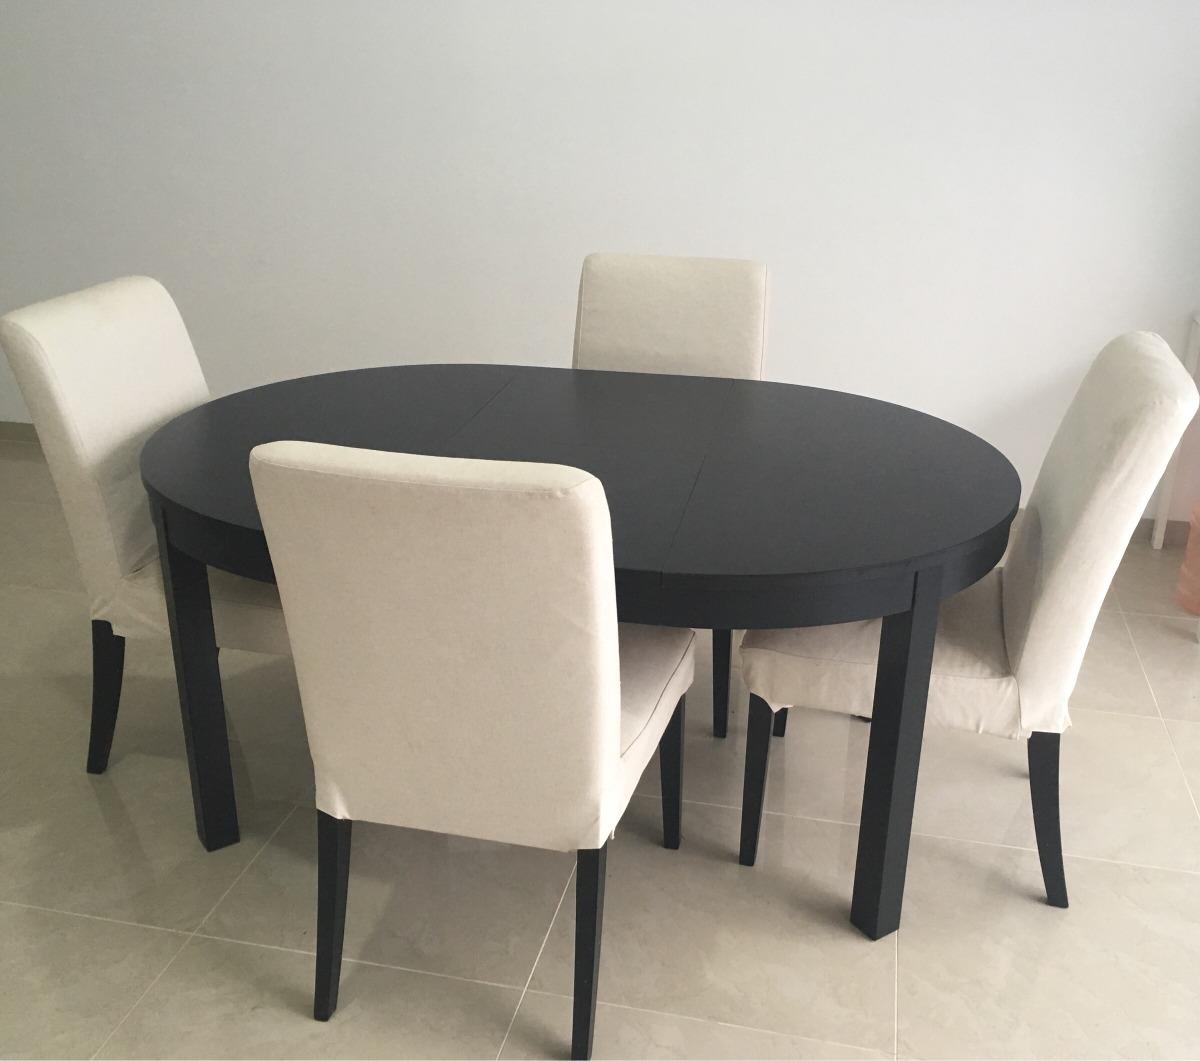 Comedor moderno ikea 18 en mercado libre - Ikea planificador comedor ...